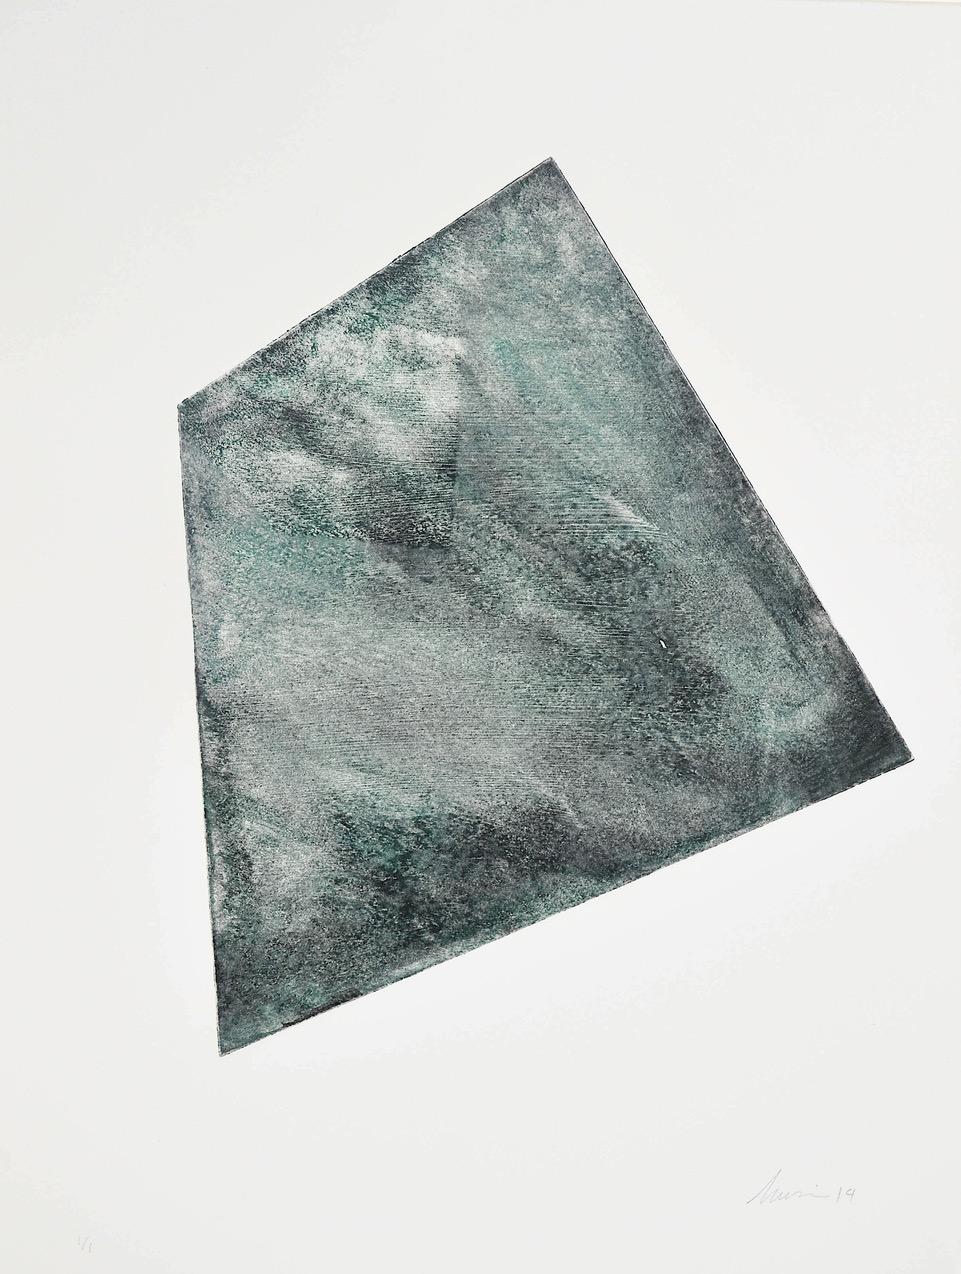 Luisa Duarte, Hidden note, 2015. Monotype. 15 x 11 x 0 in.  Framed: 19 x 15.25 x 1 in